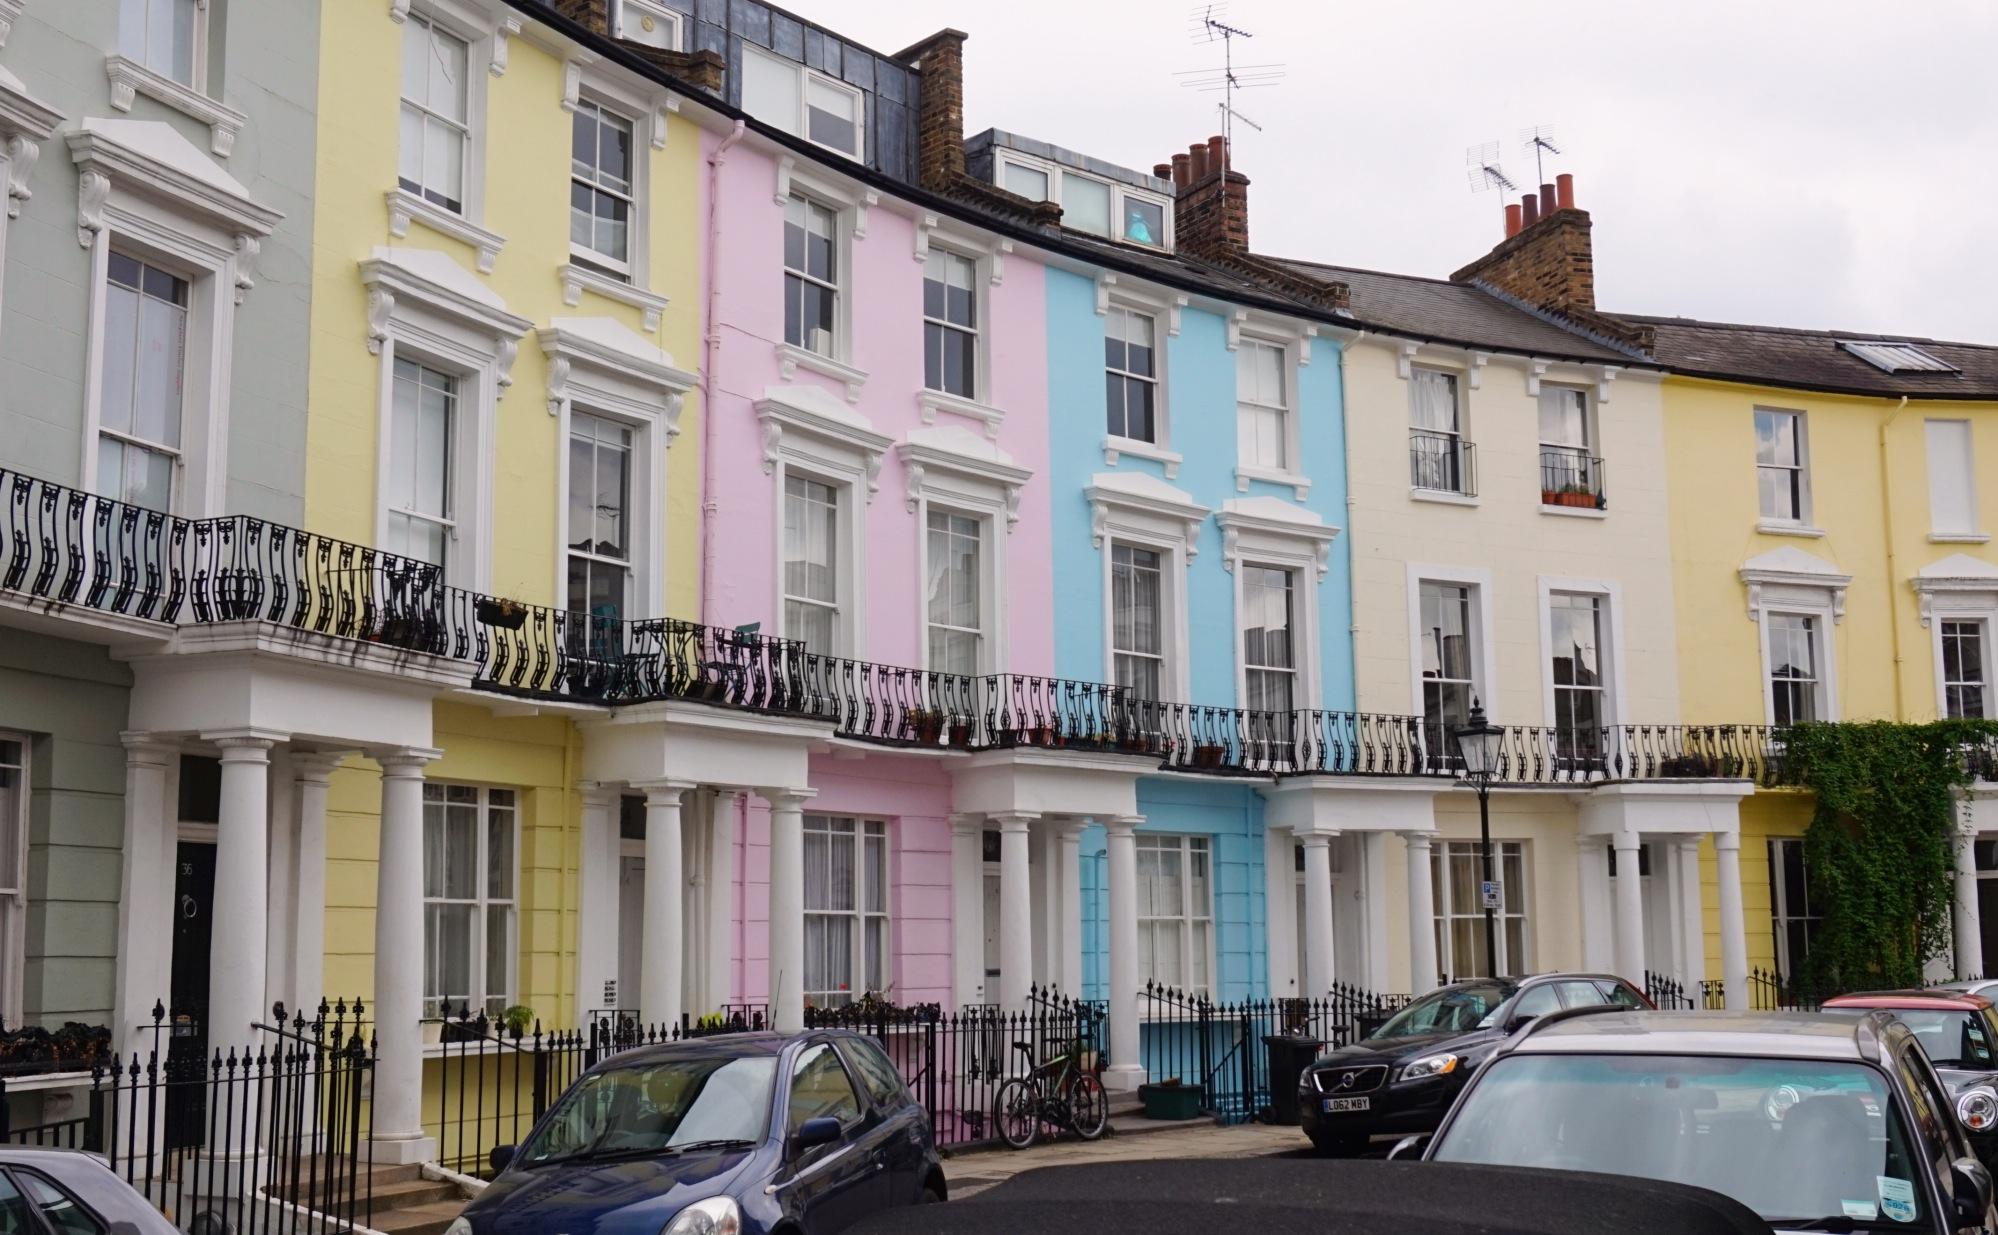 Primrose Hill Et Chalcot Square Les Petites Joies De La Vie Londonienne